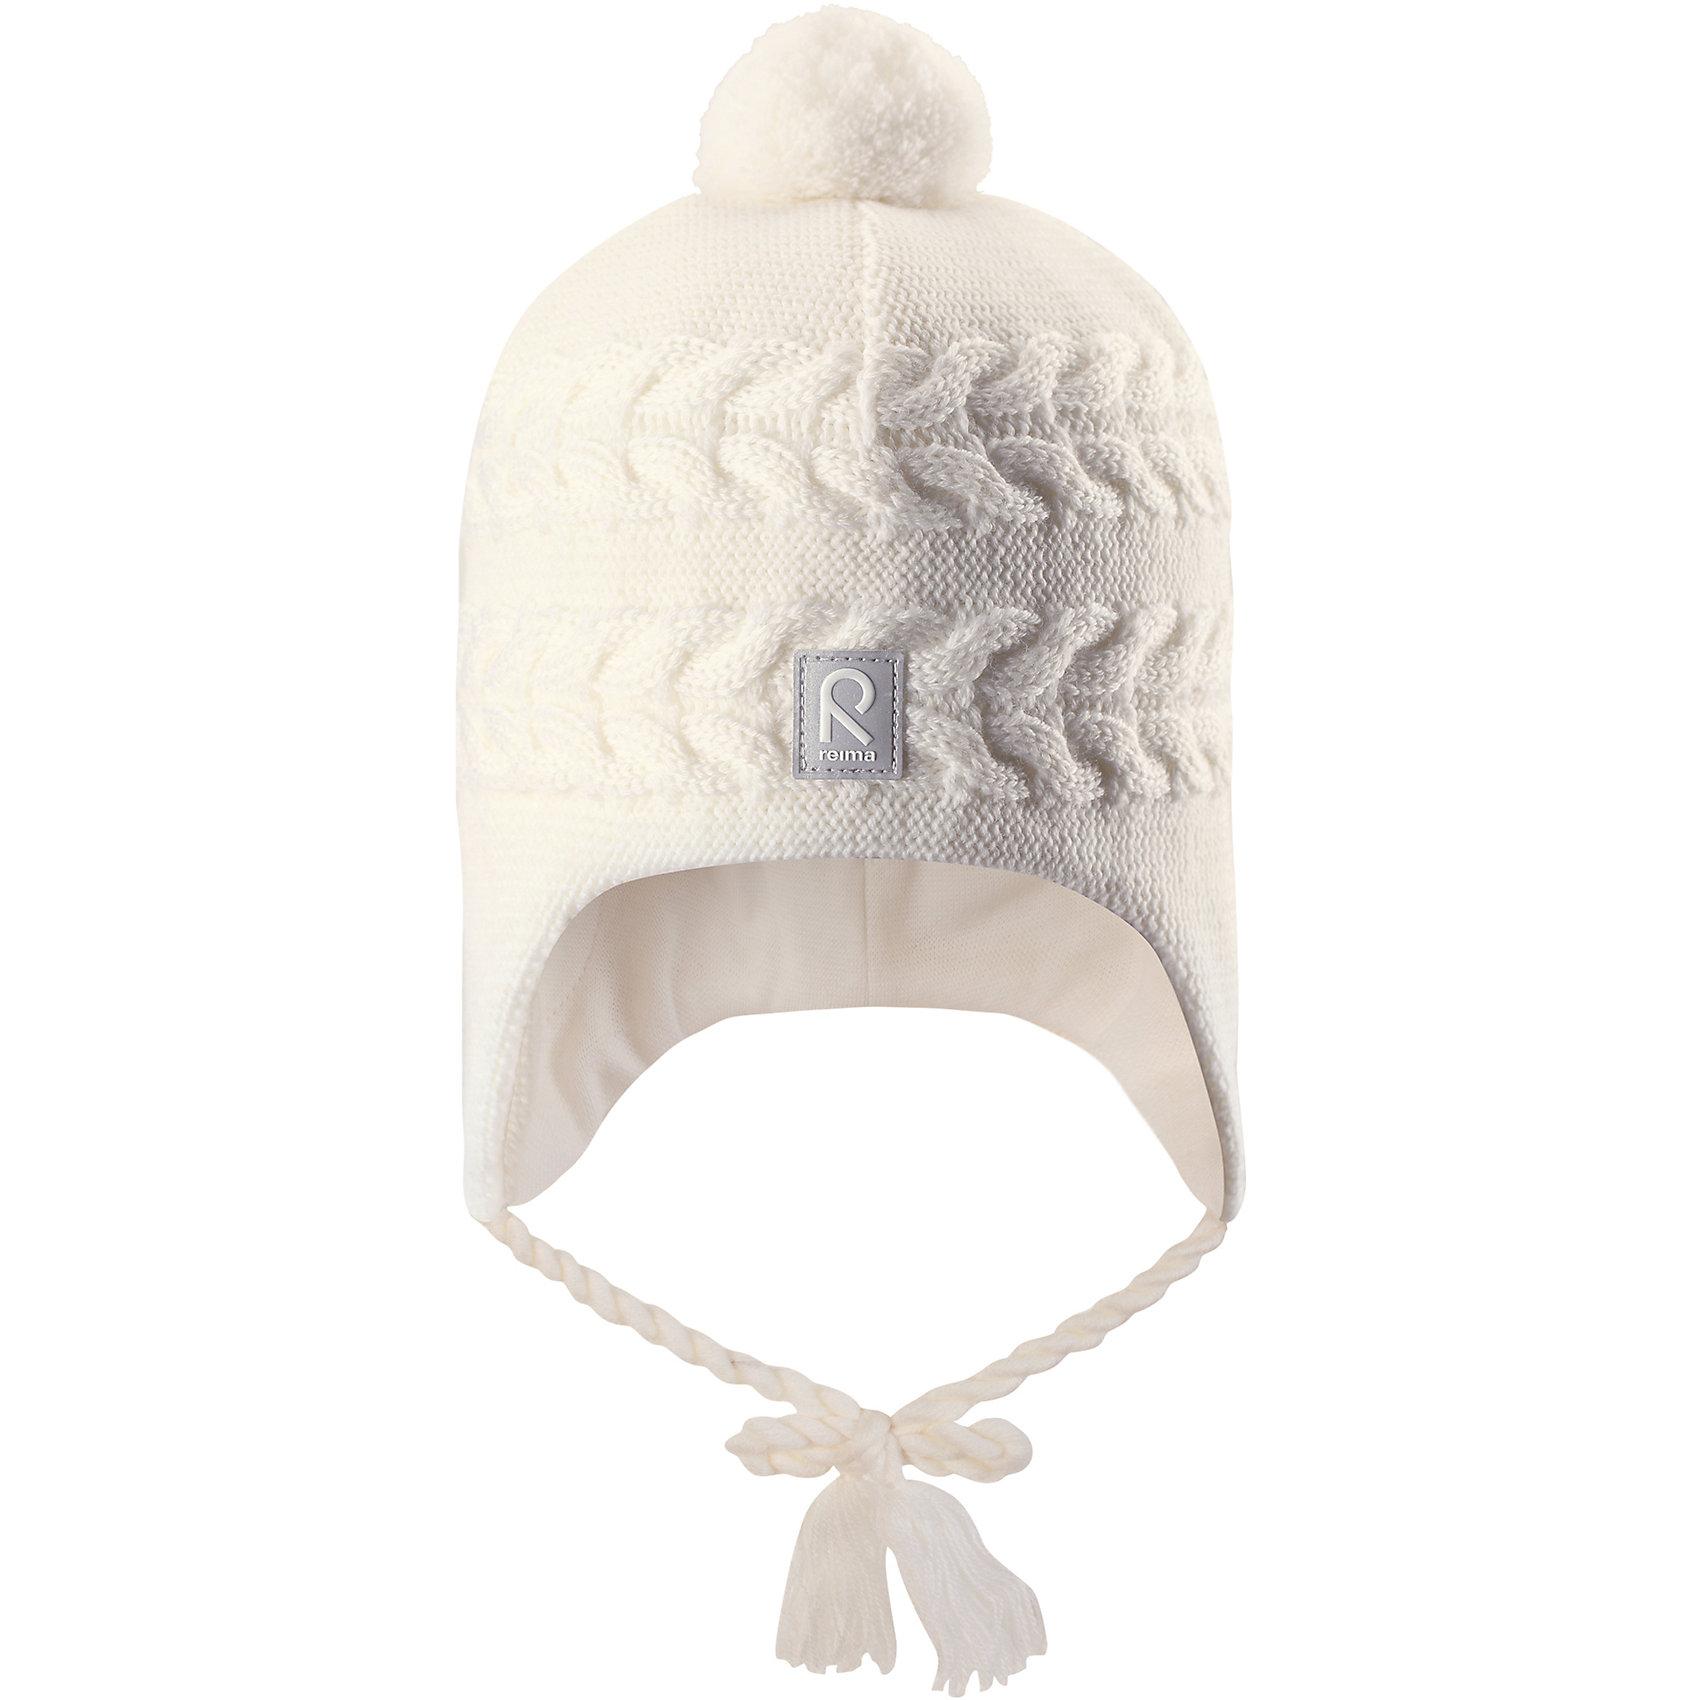 Шапка Reima Hiutale для девочкиГоловные уборы<br>Характеристики товара:<br><br>• цвет: белый;<br>• состав: 100% шерсть;<br>• подкладка: 97% хлопок, 3% эластан;<br>• температурный режим: от 0 до -20С;<br>• сезон: зима; <br>• особенности модели: вязаная, шерстяная;<br>• мягкая ткань из мериносовой шерсти для поддержания идеальной температуры;<br>• ветронепроницаемые вставки в области ушей;<br>• сплошная подкладка: гладкий хлопковый трикотаж;<br>• шапка на завязках, сверху помпон;<br>• логотип Reima спереди;<br>• страна бренда: Финляндия;<br>• страна изготовитель: Китай.<br><br>Красивая шерстяная шапка для малышей станет отличным вариантом на зимние холода! Шапка связана из мериносовой шерсти и снабжена уютной и мягкой трикотажной подкладкой. Ветронепроницаемые вставки защищают ушки в ветреную погоду, а завязки-косички, структурная вязка и веселый помпон довершают образ.<br><br>Шапку Hiutale для девочки Reima от финского бренда Reima (Рейма) можно купить в нашем интернет-магазине.<br><br>Ширина мм: 89<br>Глубина мм: 117<br>Высота мм: 44<br>Вес г: 155<br>Цвет: белый<br>Возраст от месяцев: 36<br>Возраст до месяцев: 48<br>Пол: Женский<br>Возраст: Детский<br>Размер: 50,48,46,52<br>SKU: 6907111